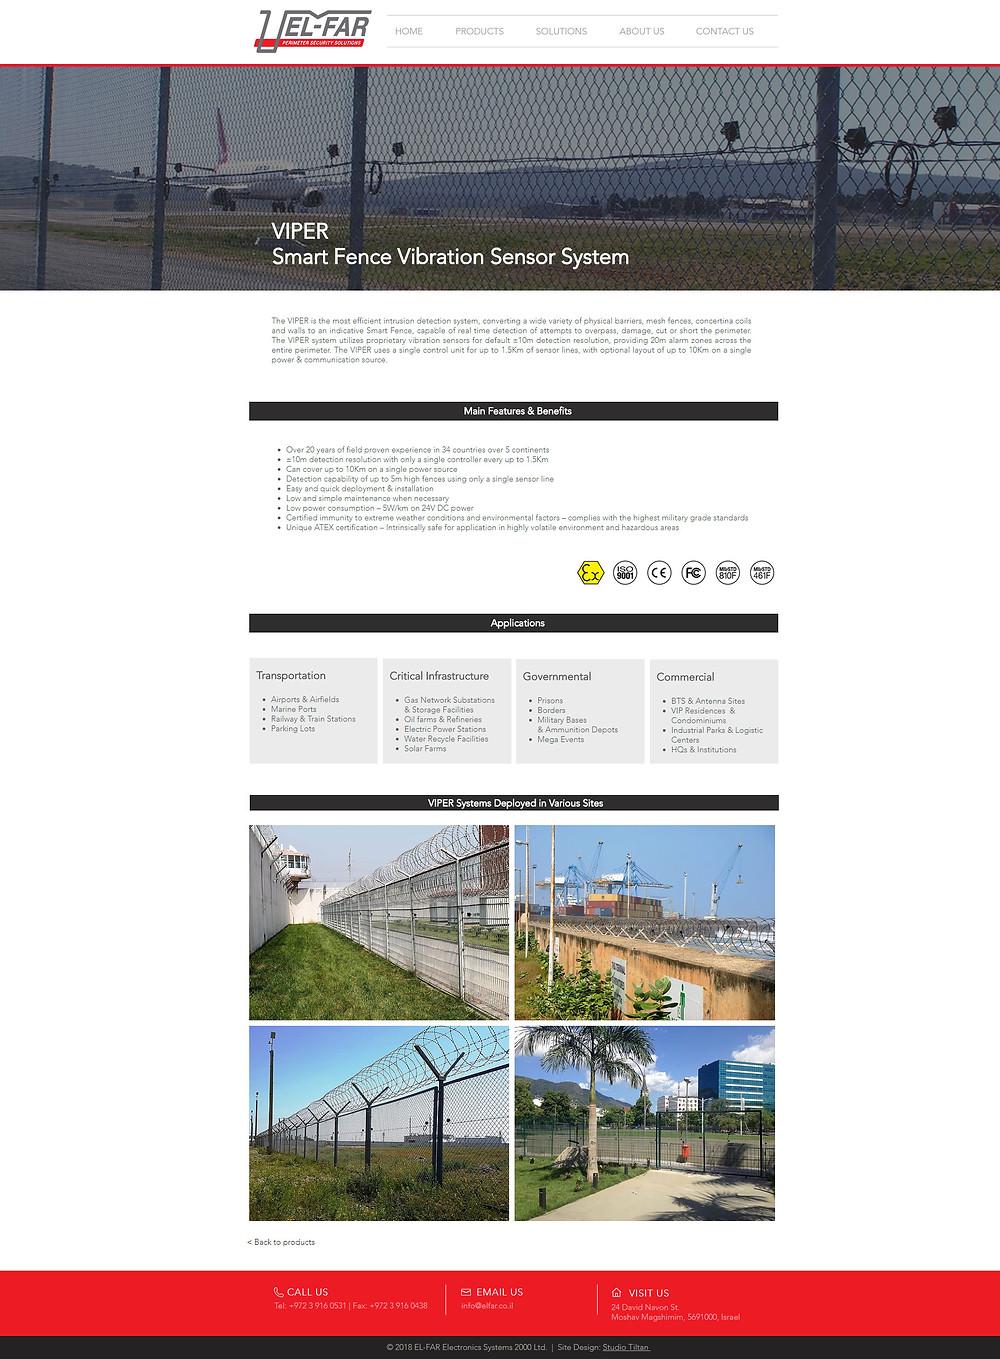 """סטודיו תלתן - עיצוב אתר לאל-פר אלקטרוניקה מערכות 2000 בע""""מ"""